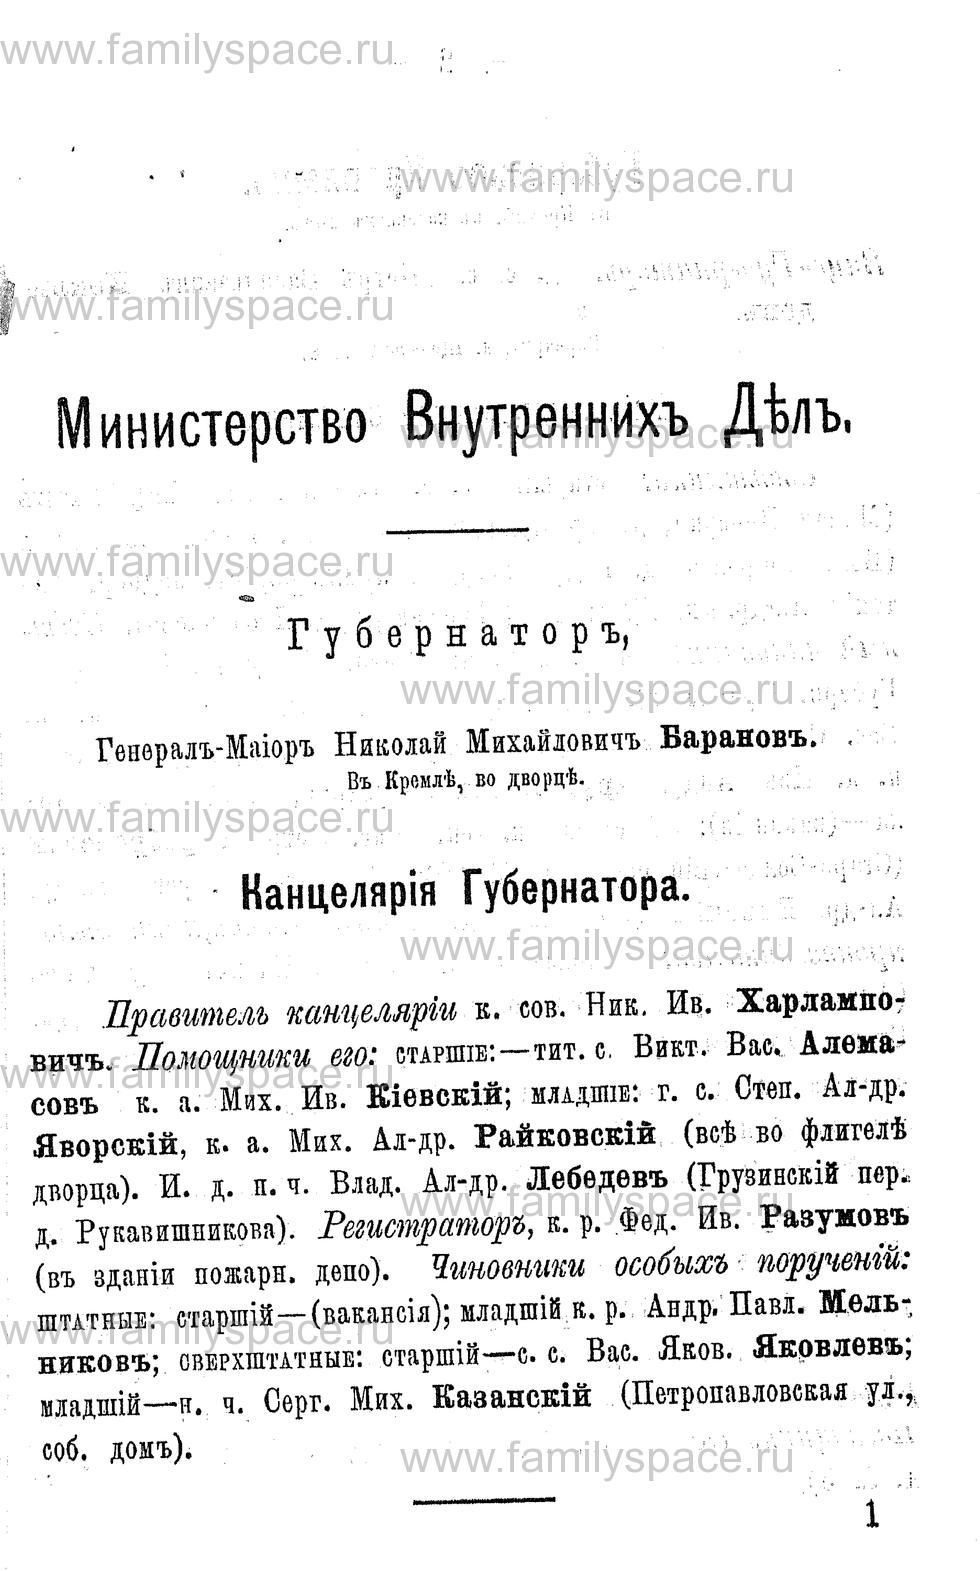 Поиск по фамилии - Адрес-календарь Нижегородской губернии на 1891 год, страница 1